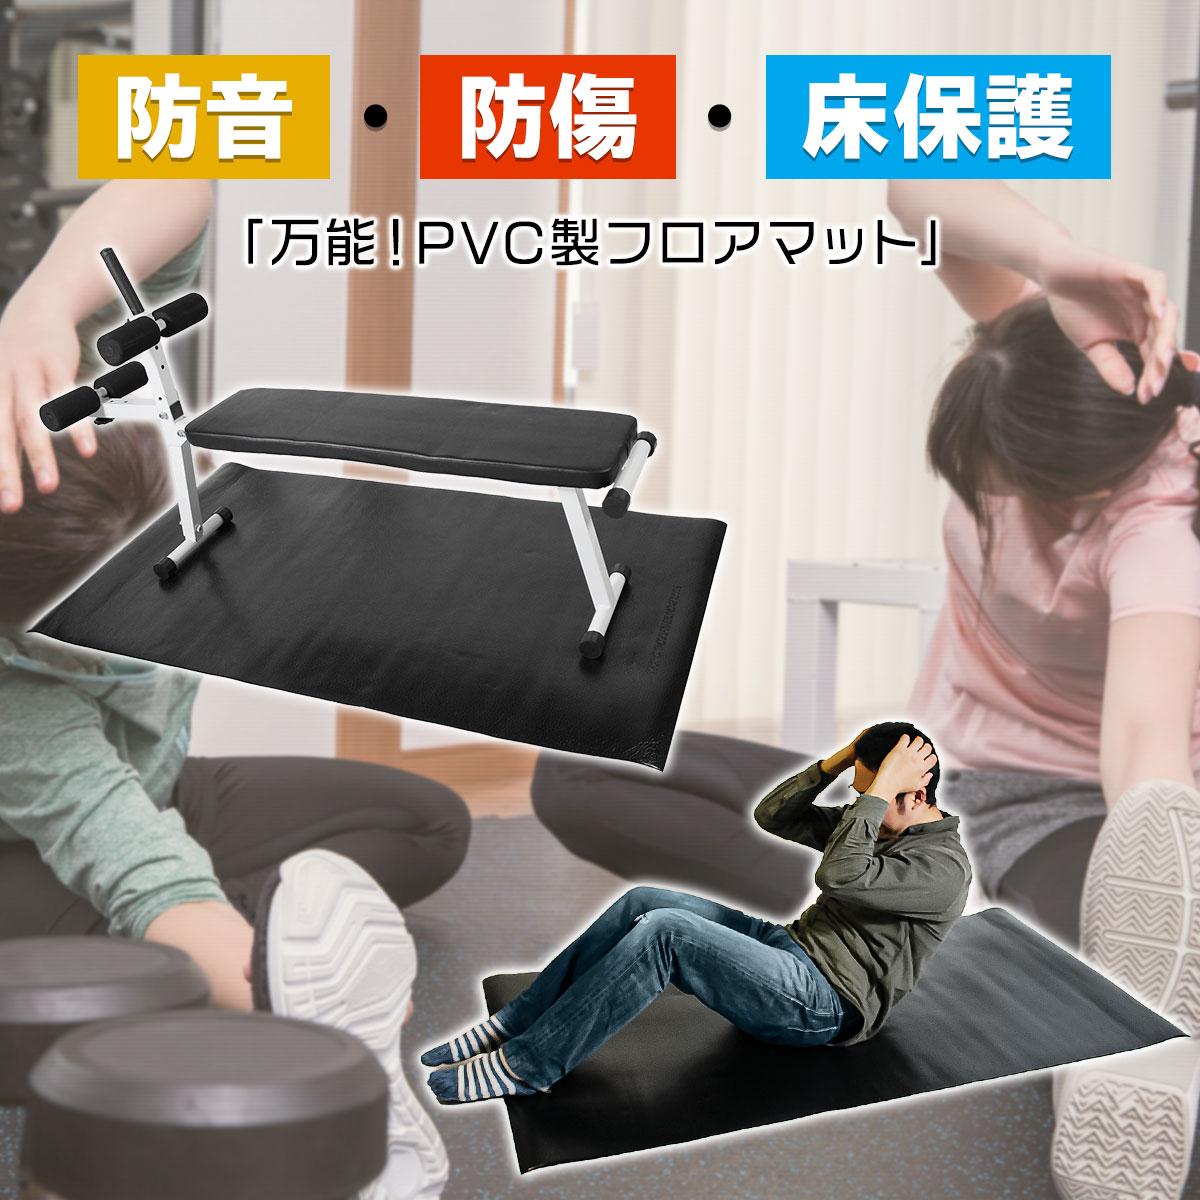 MUSCLE FACTORY フロアマット ベンチマット 筋トレ マット ヨガマット 床保護 PVC 1250*800*4mm